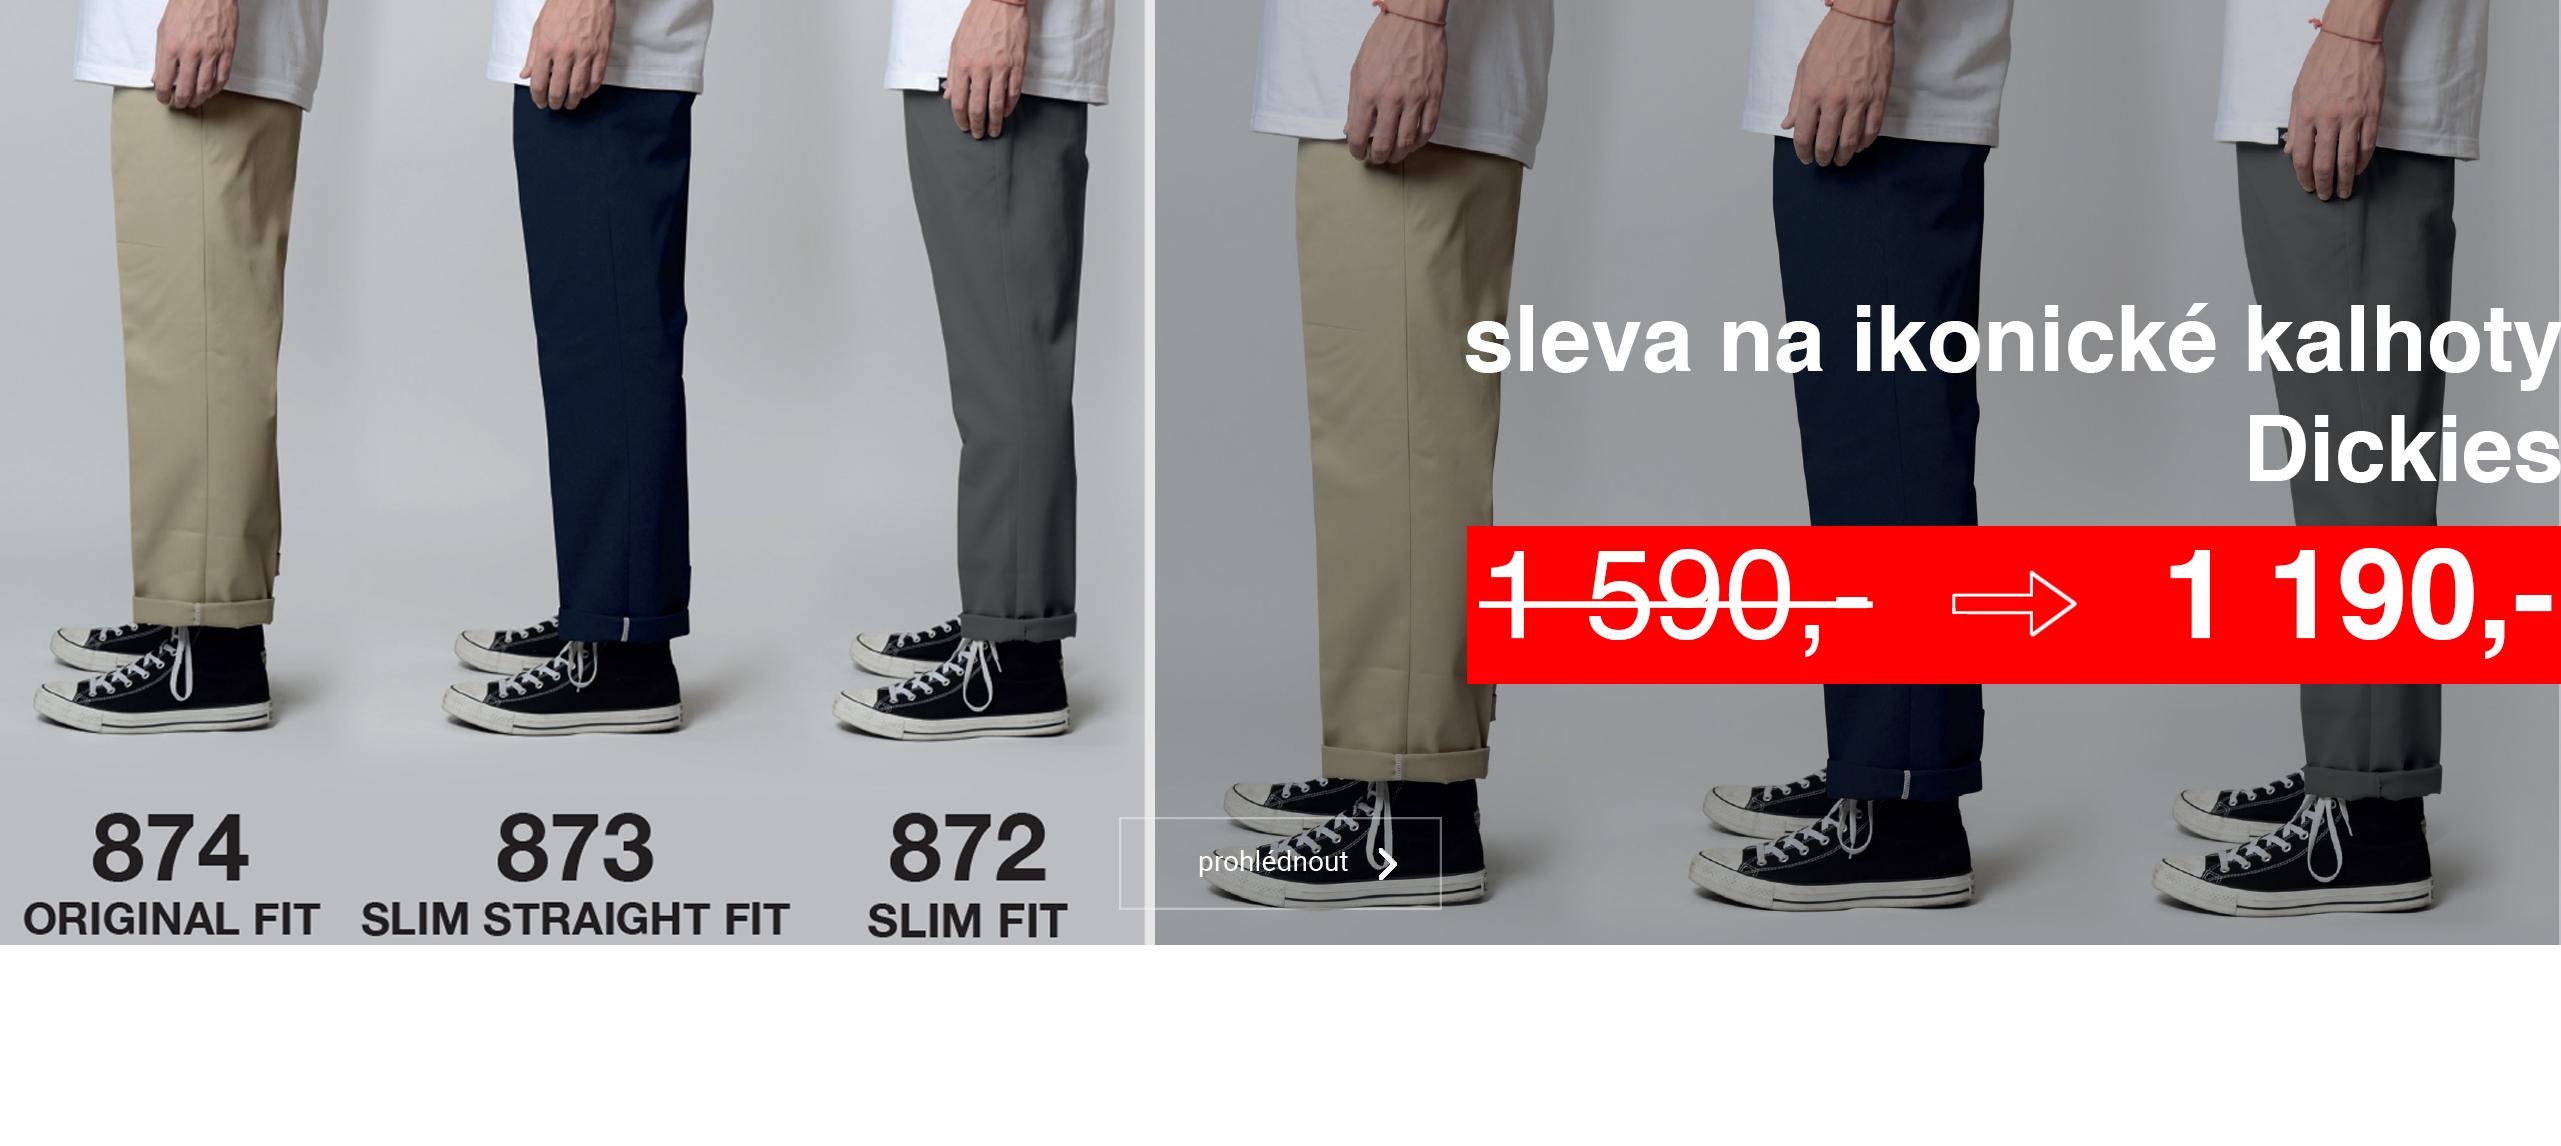 kalhoty ve slevách